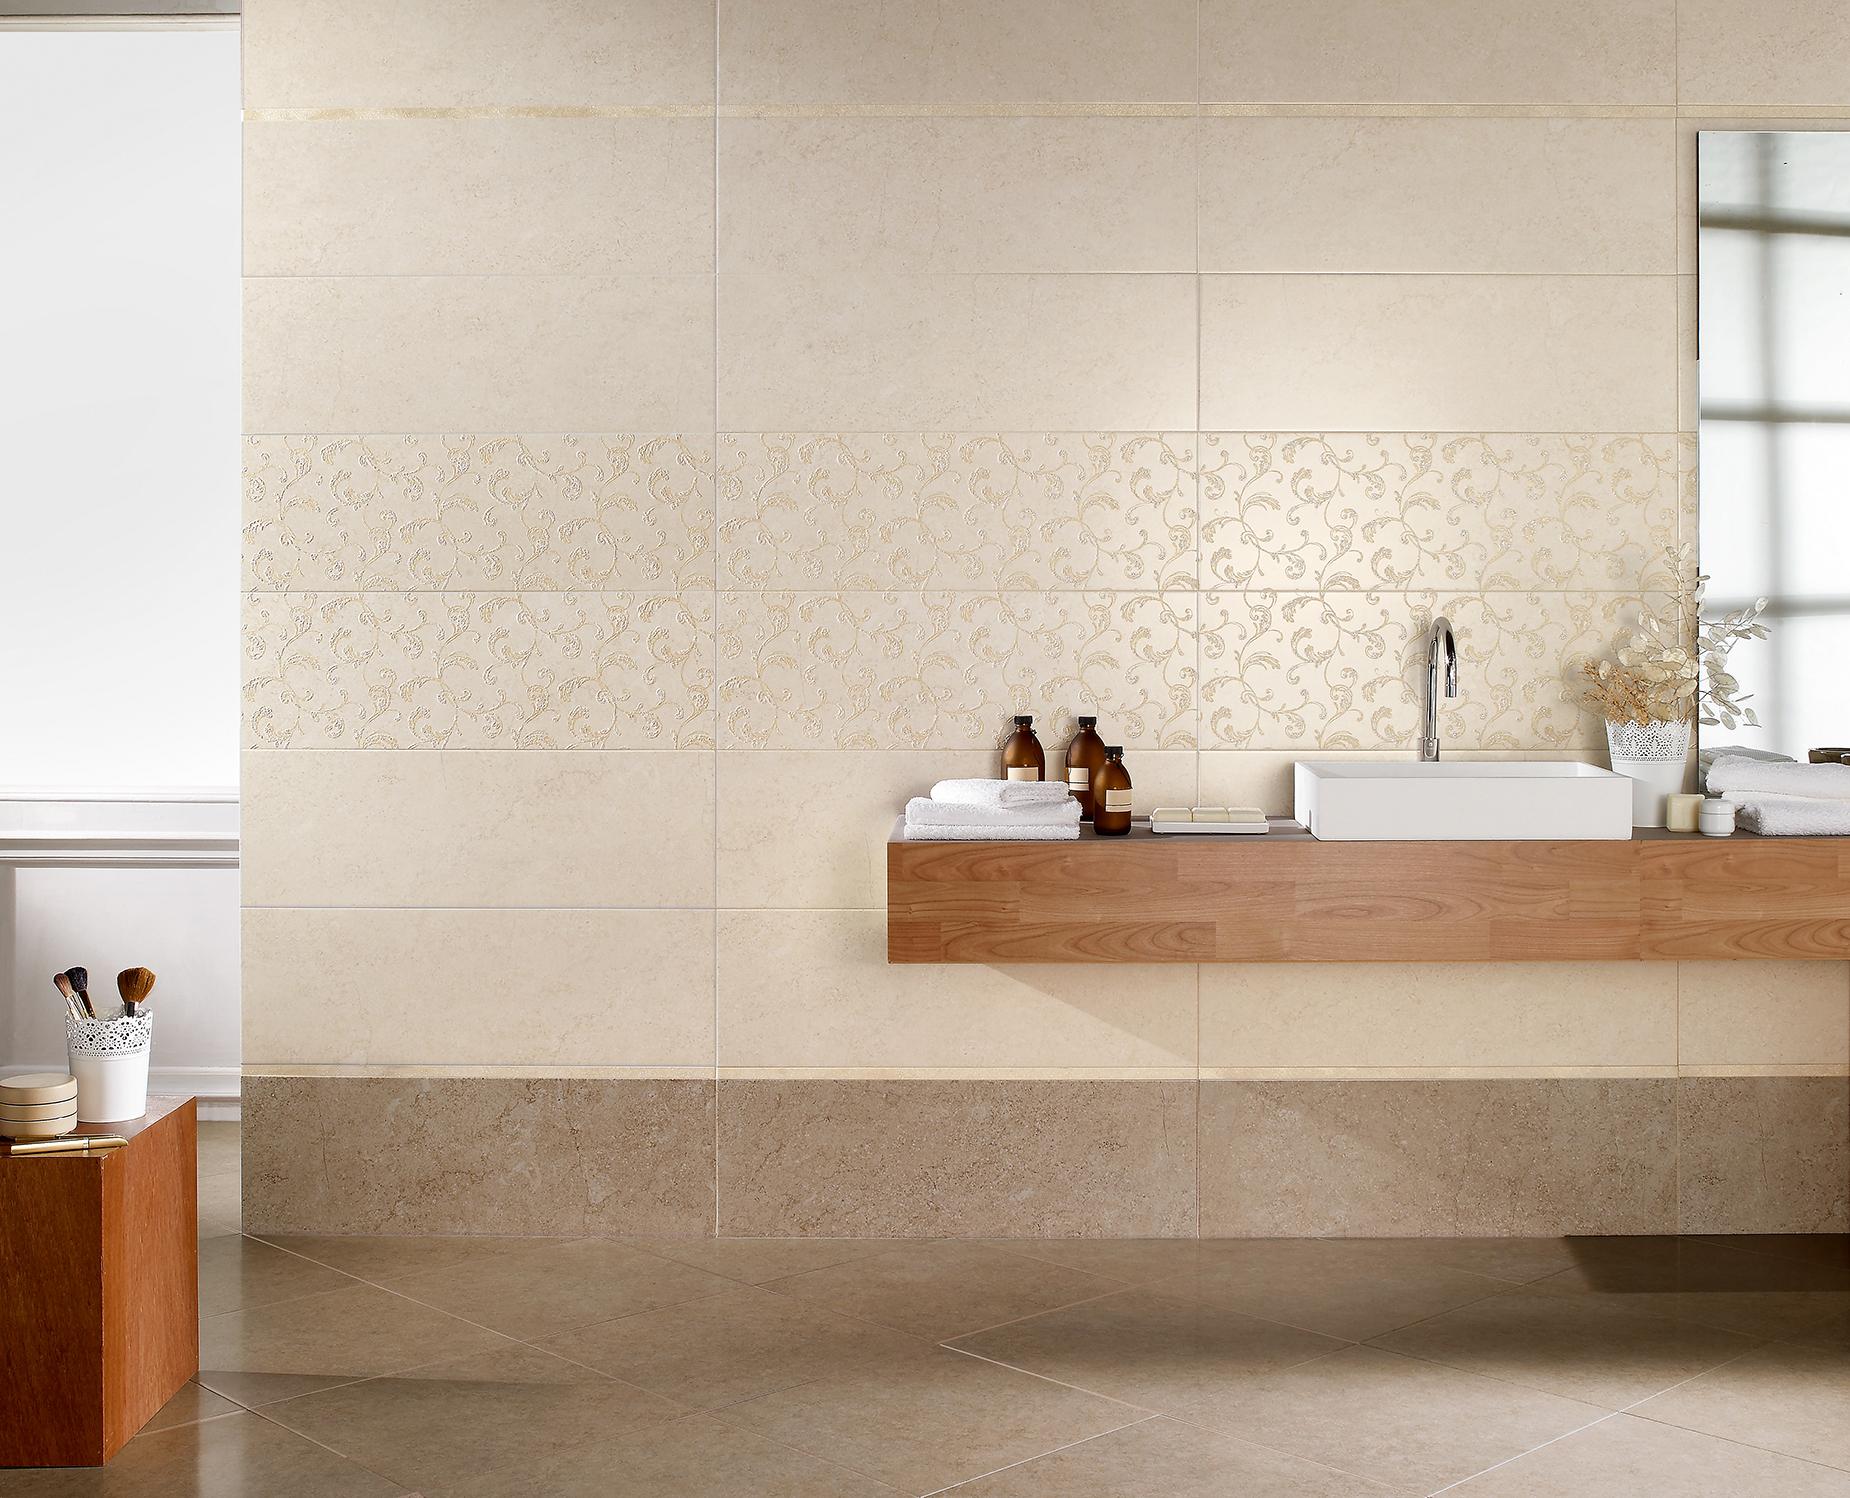 Bagni con piastrelle finto legno : bagno con piastrelle effetto ...